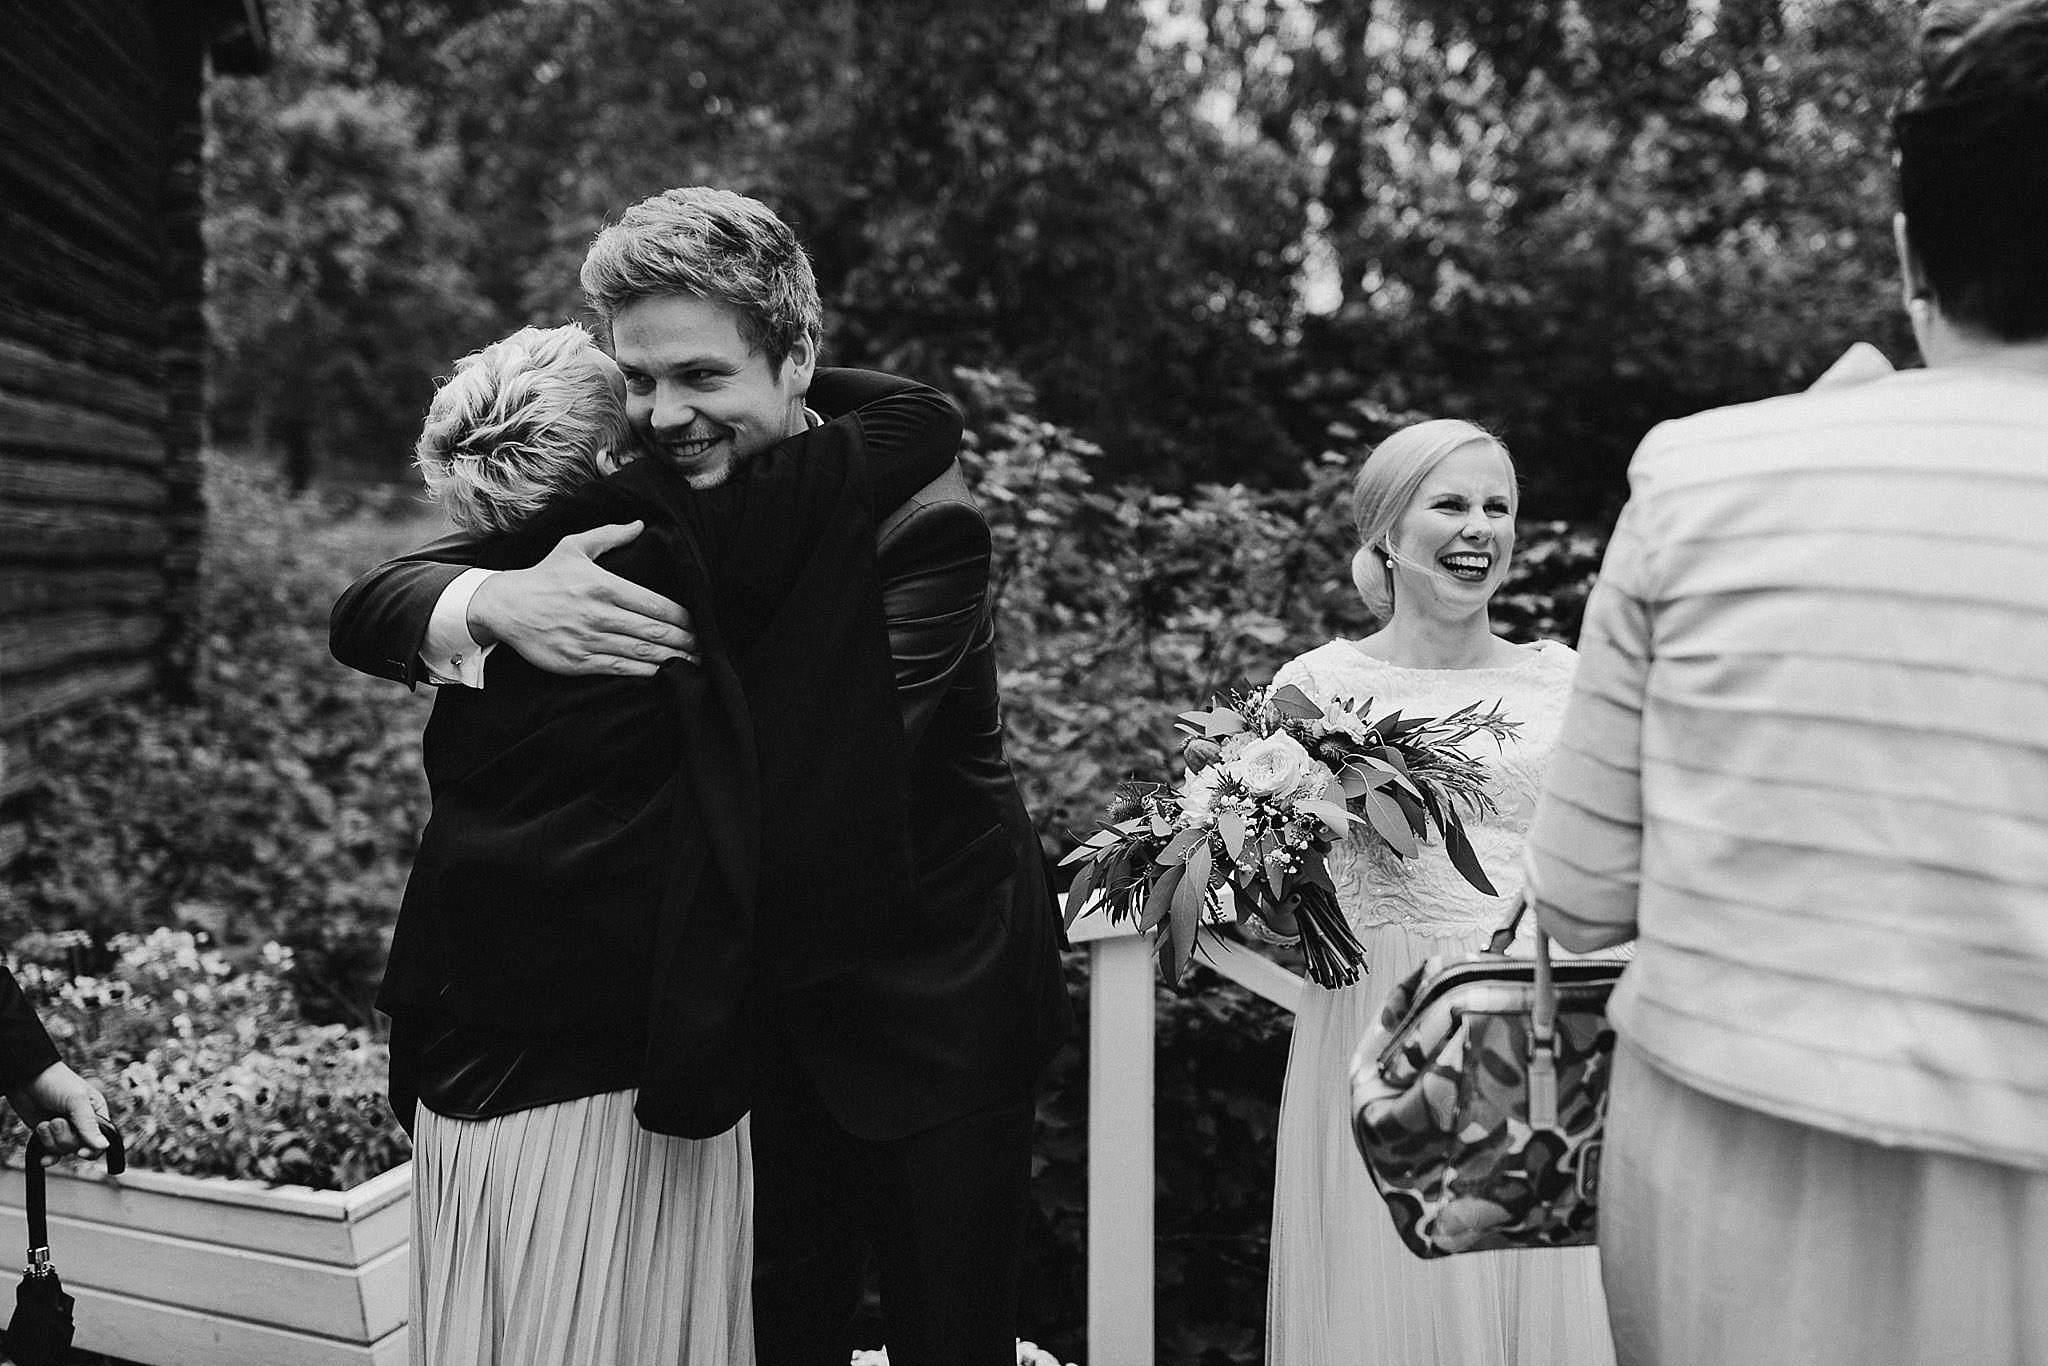 Haakuvaus_wedding_jyvaskyla_muurame_tuomiston_tila_0101.jpg